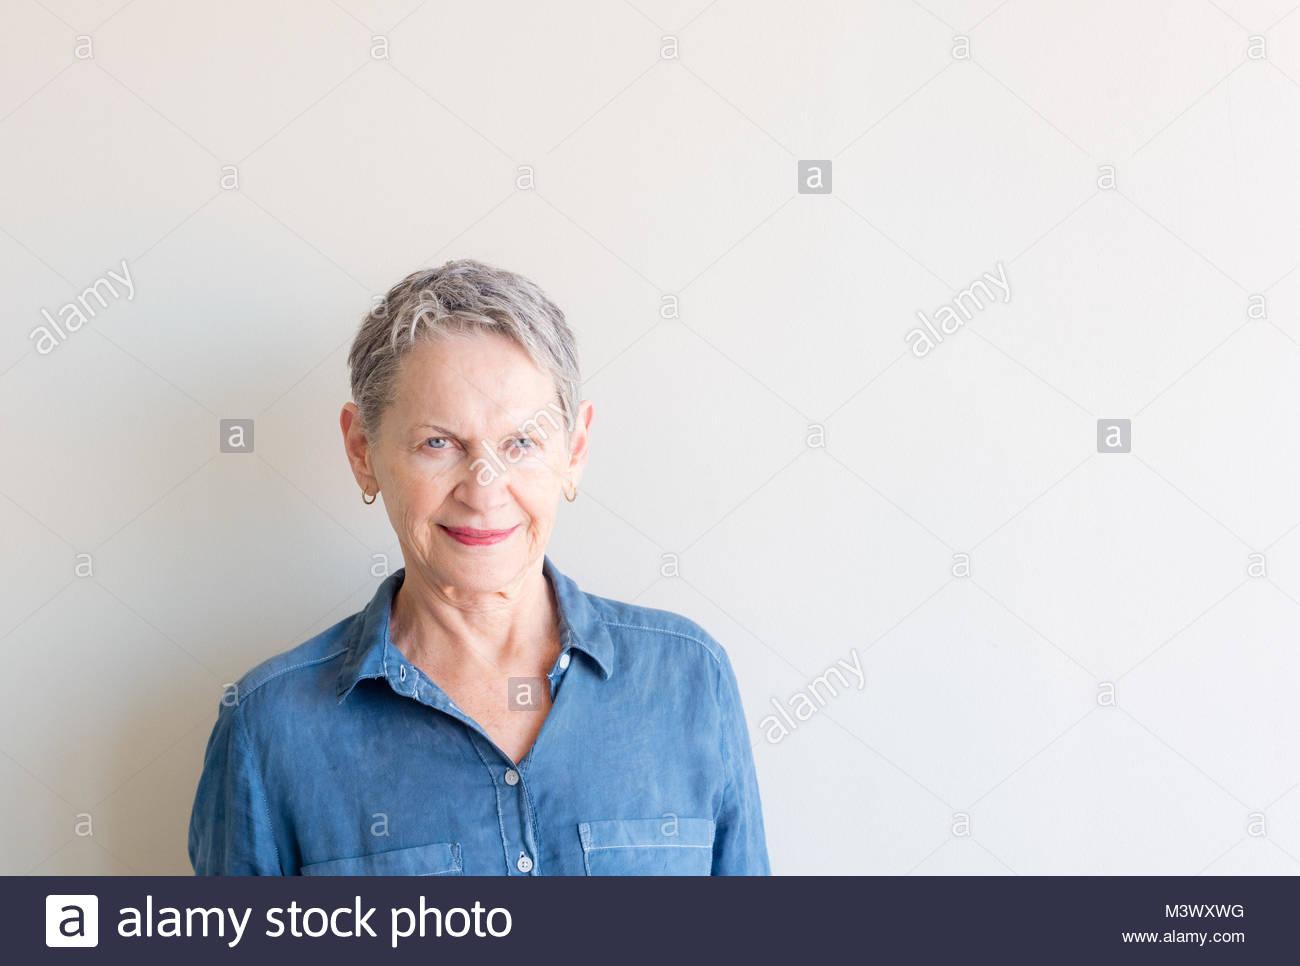 Bella donna anziana con corti capelli grigi e colpire gli occhi blu contro  uno sfondo neutro b7f9d5046960